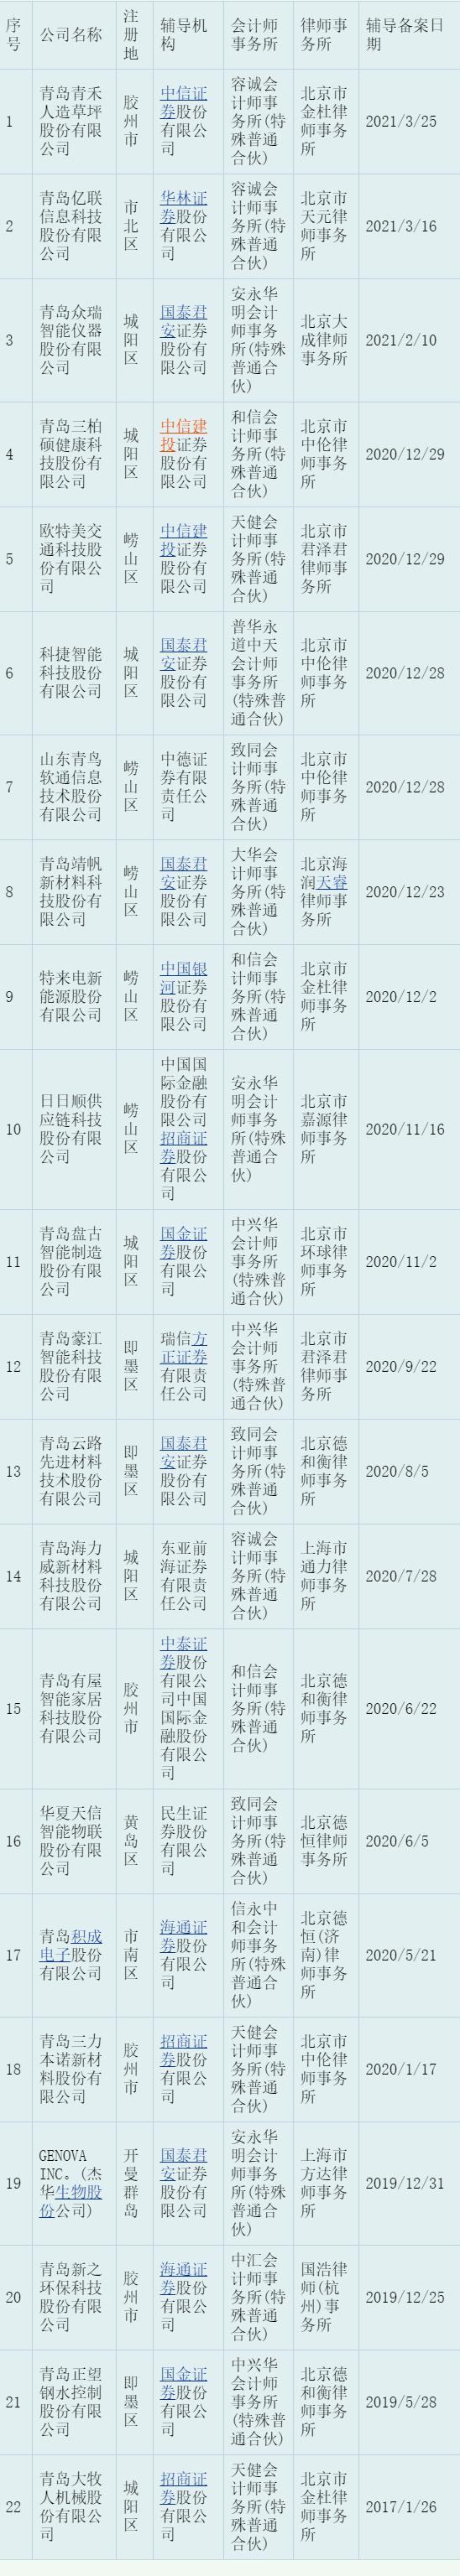 3月底 青岛辖区共有22家上市辅导备案企业